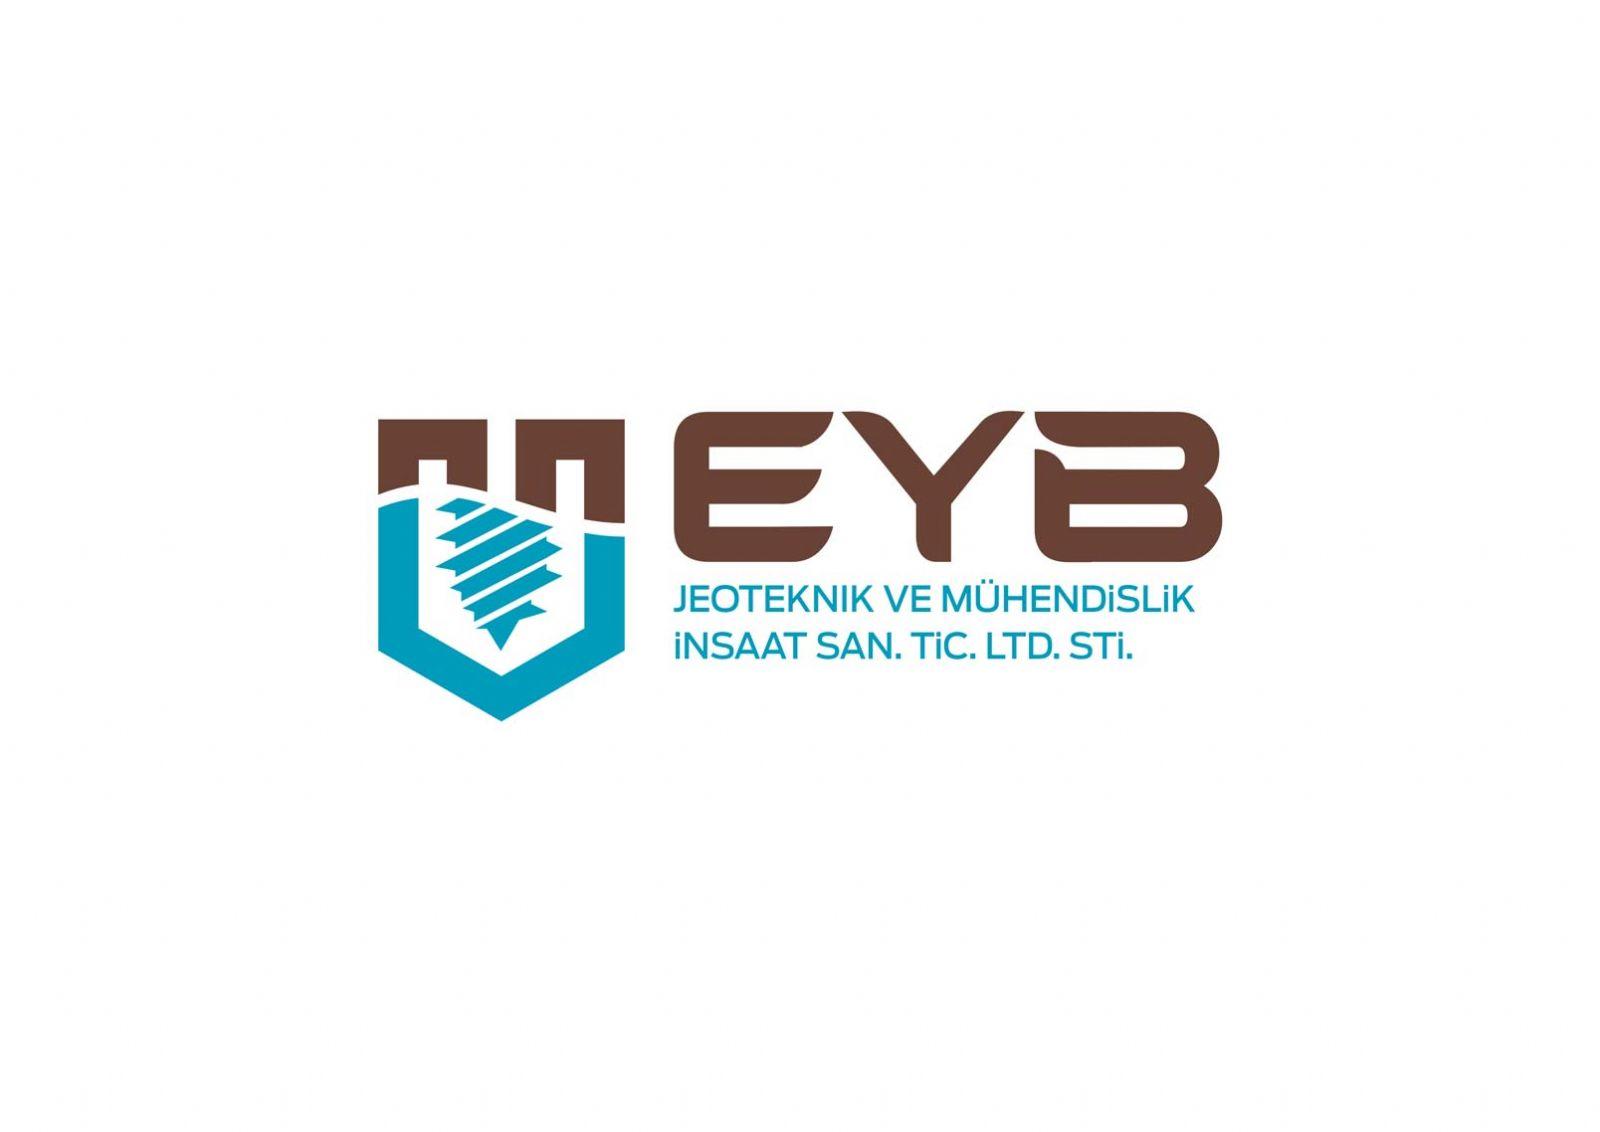 eyb jeoteknik logo yatay